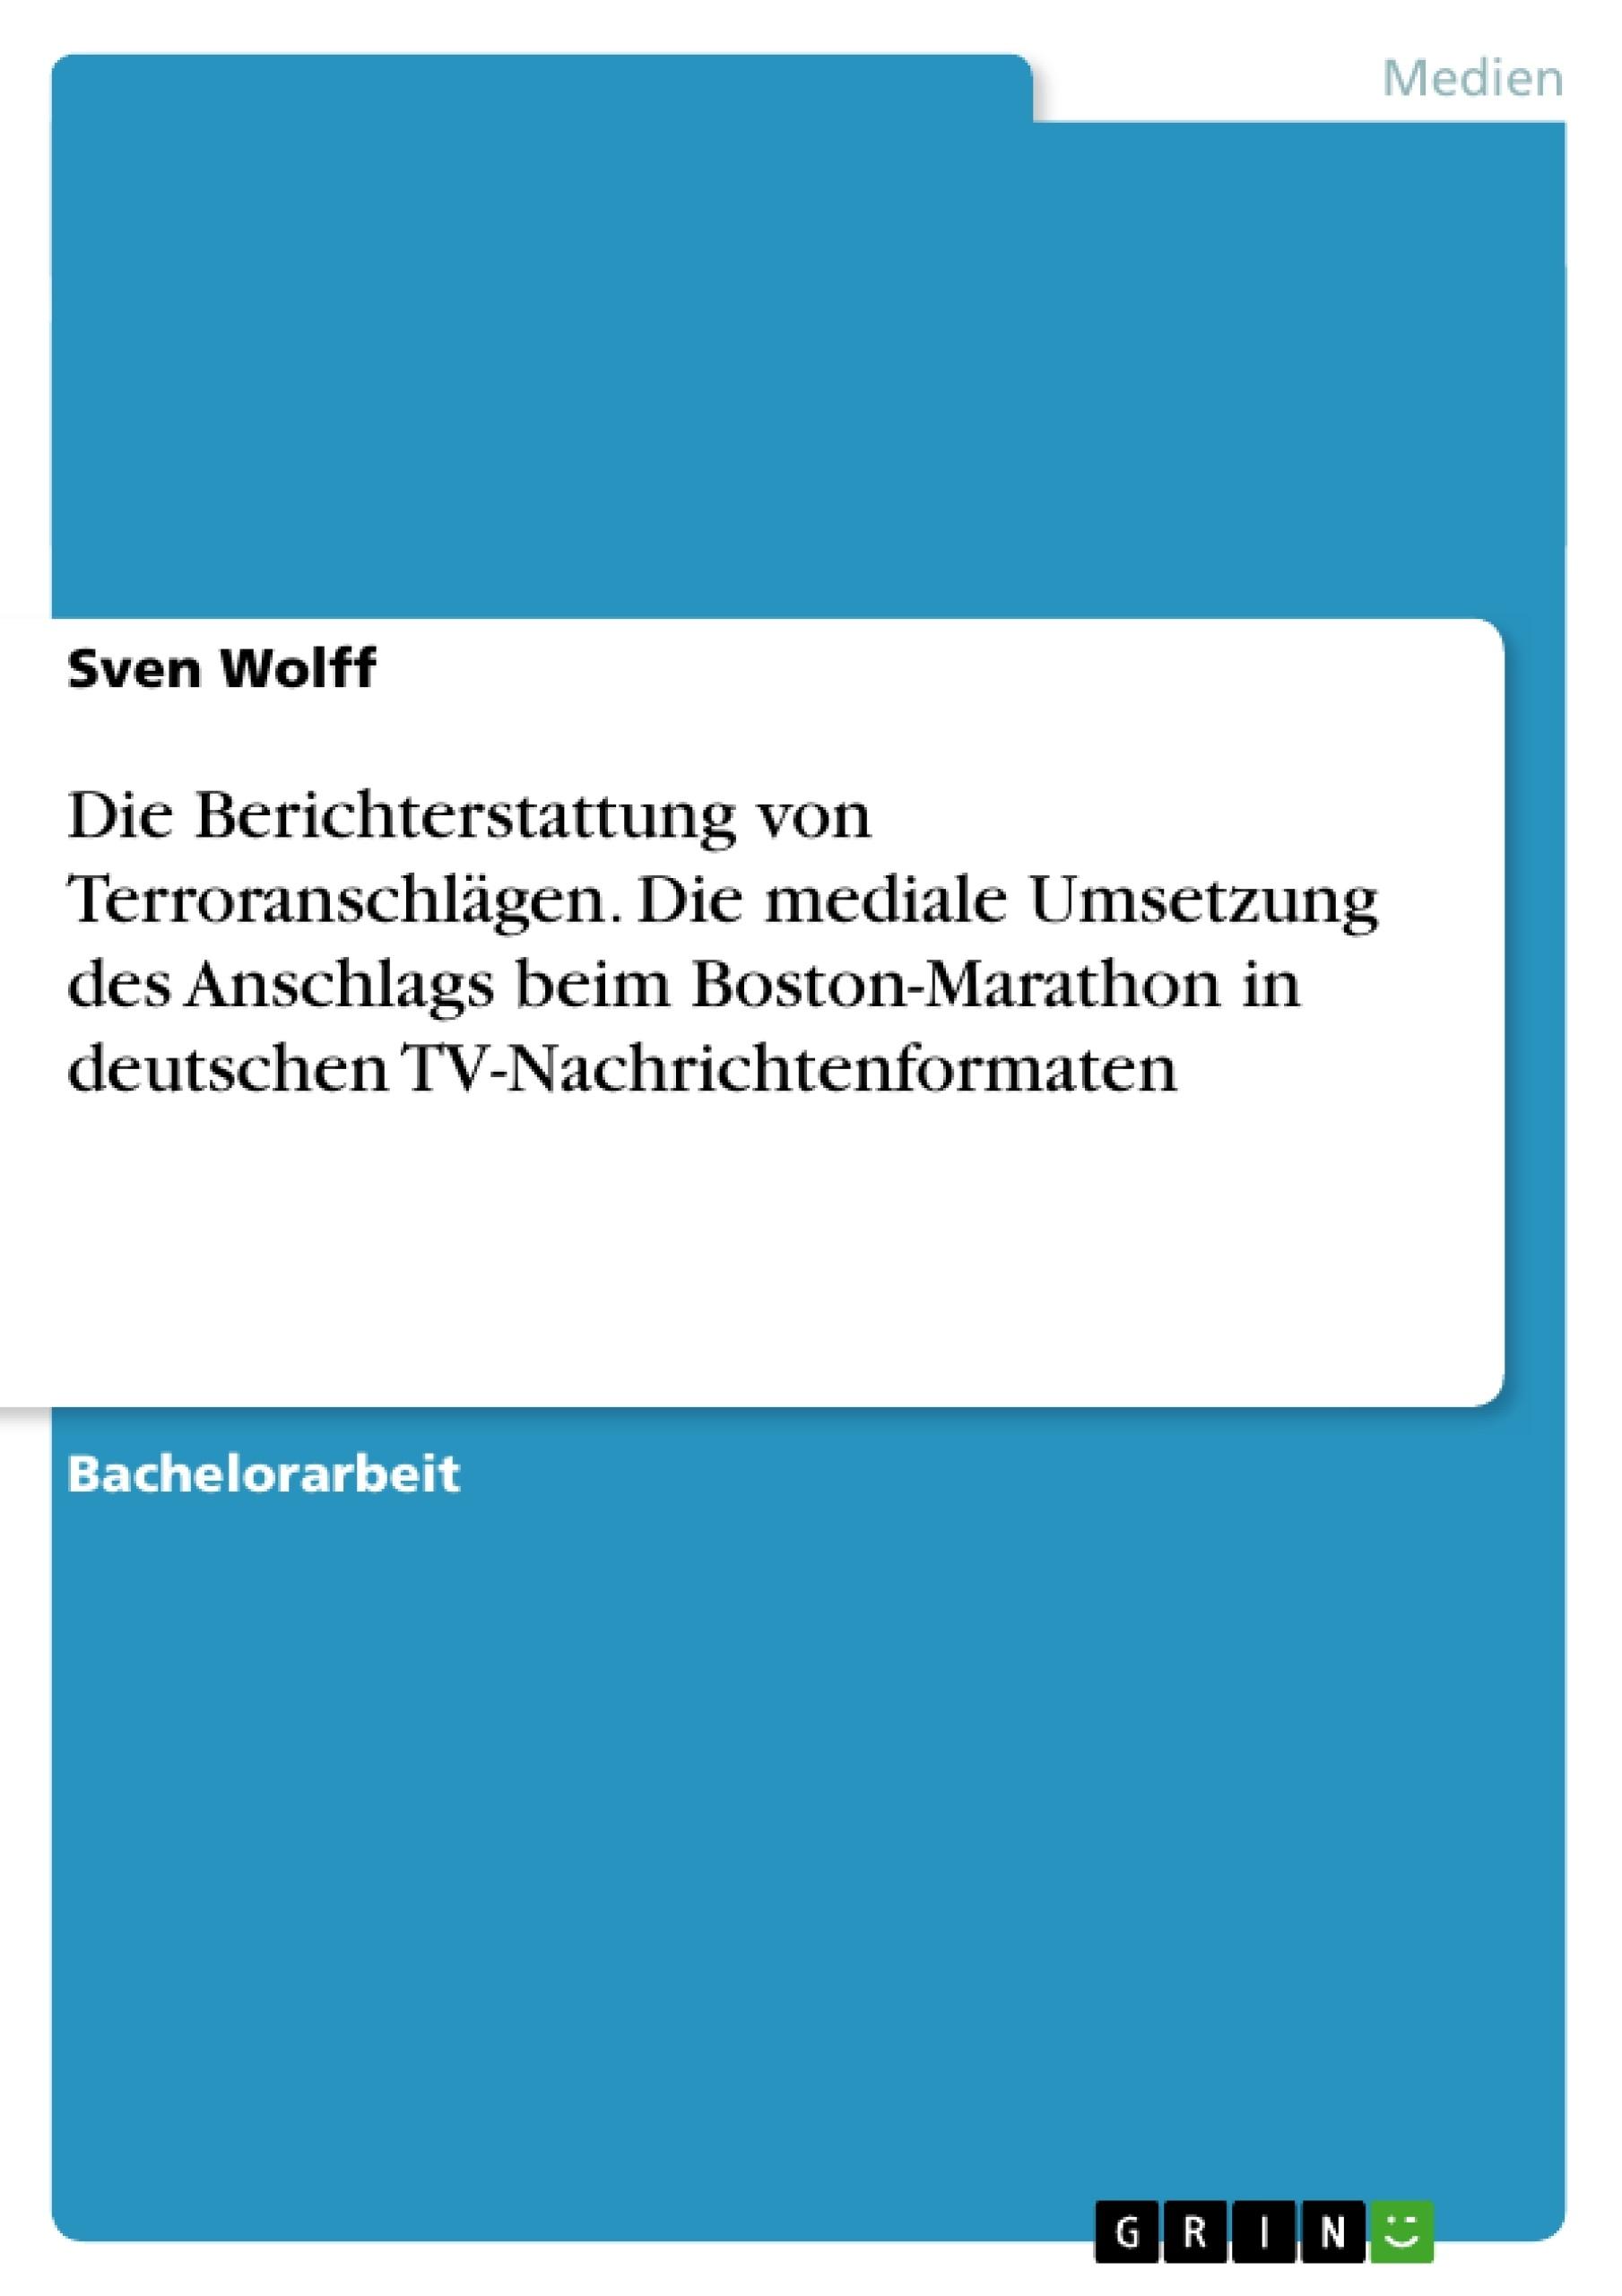 Titel: Die Berichterstattung von Terroranschlägen.  Die mediale Umsetzung des Anschlags beim Boston-Marathon in deutschen TV-Nachrichtenformaten